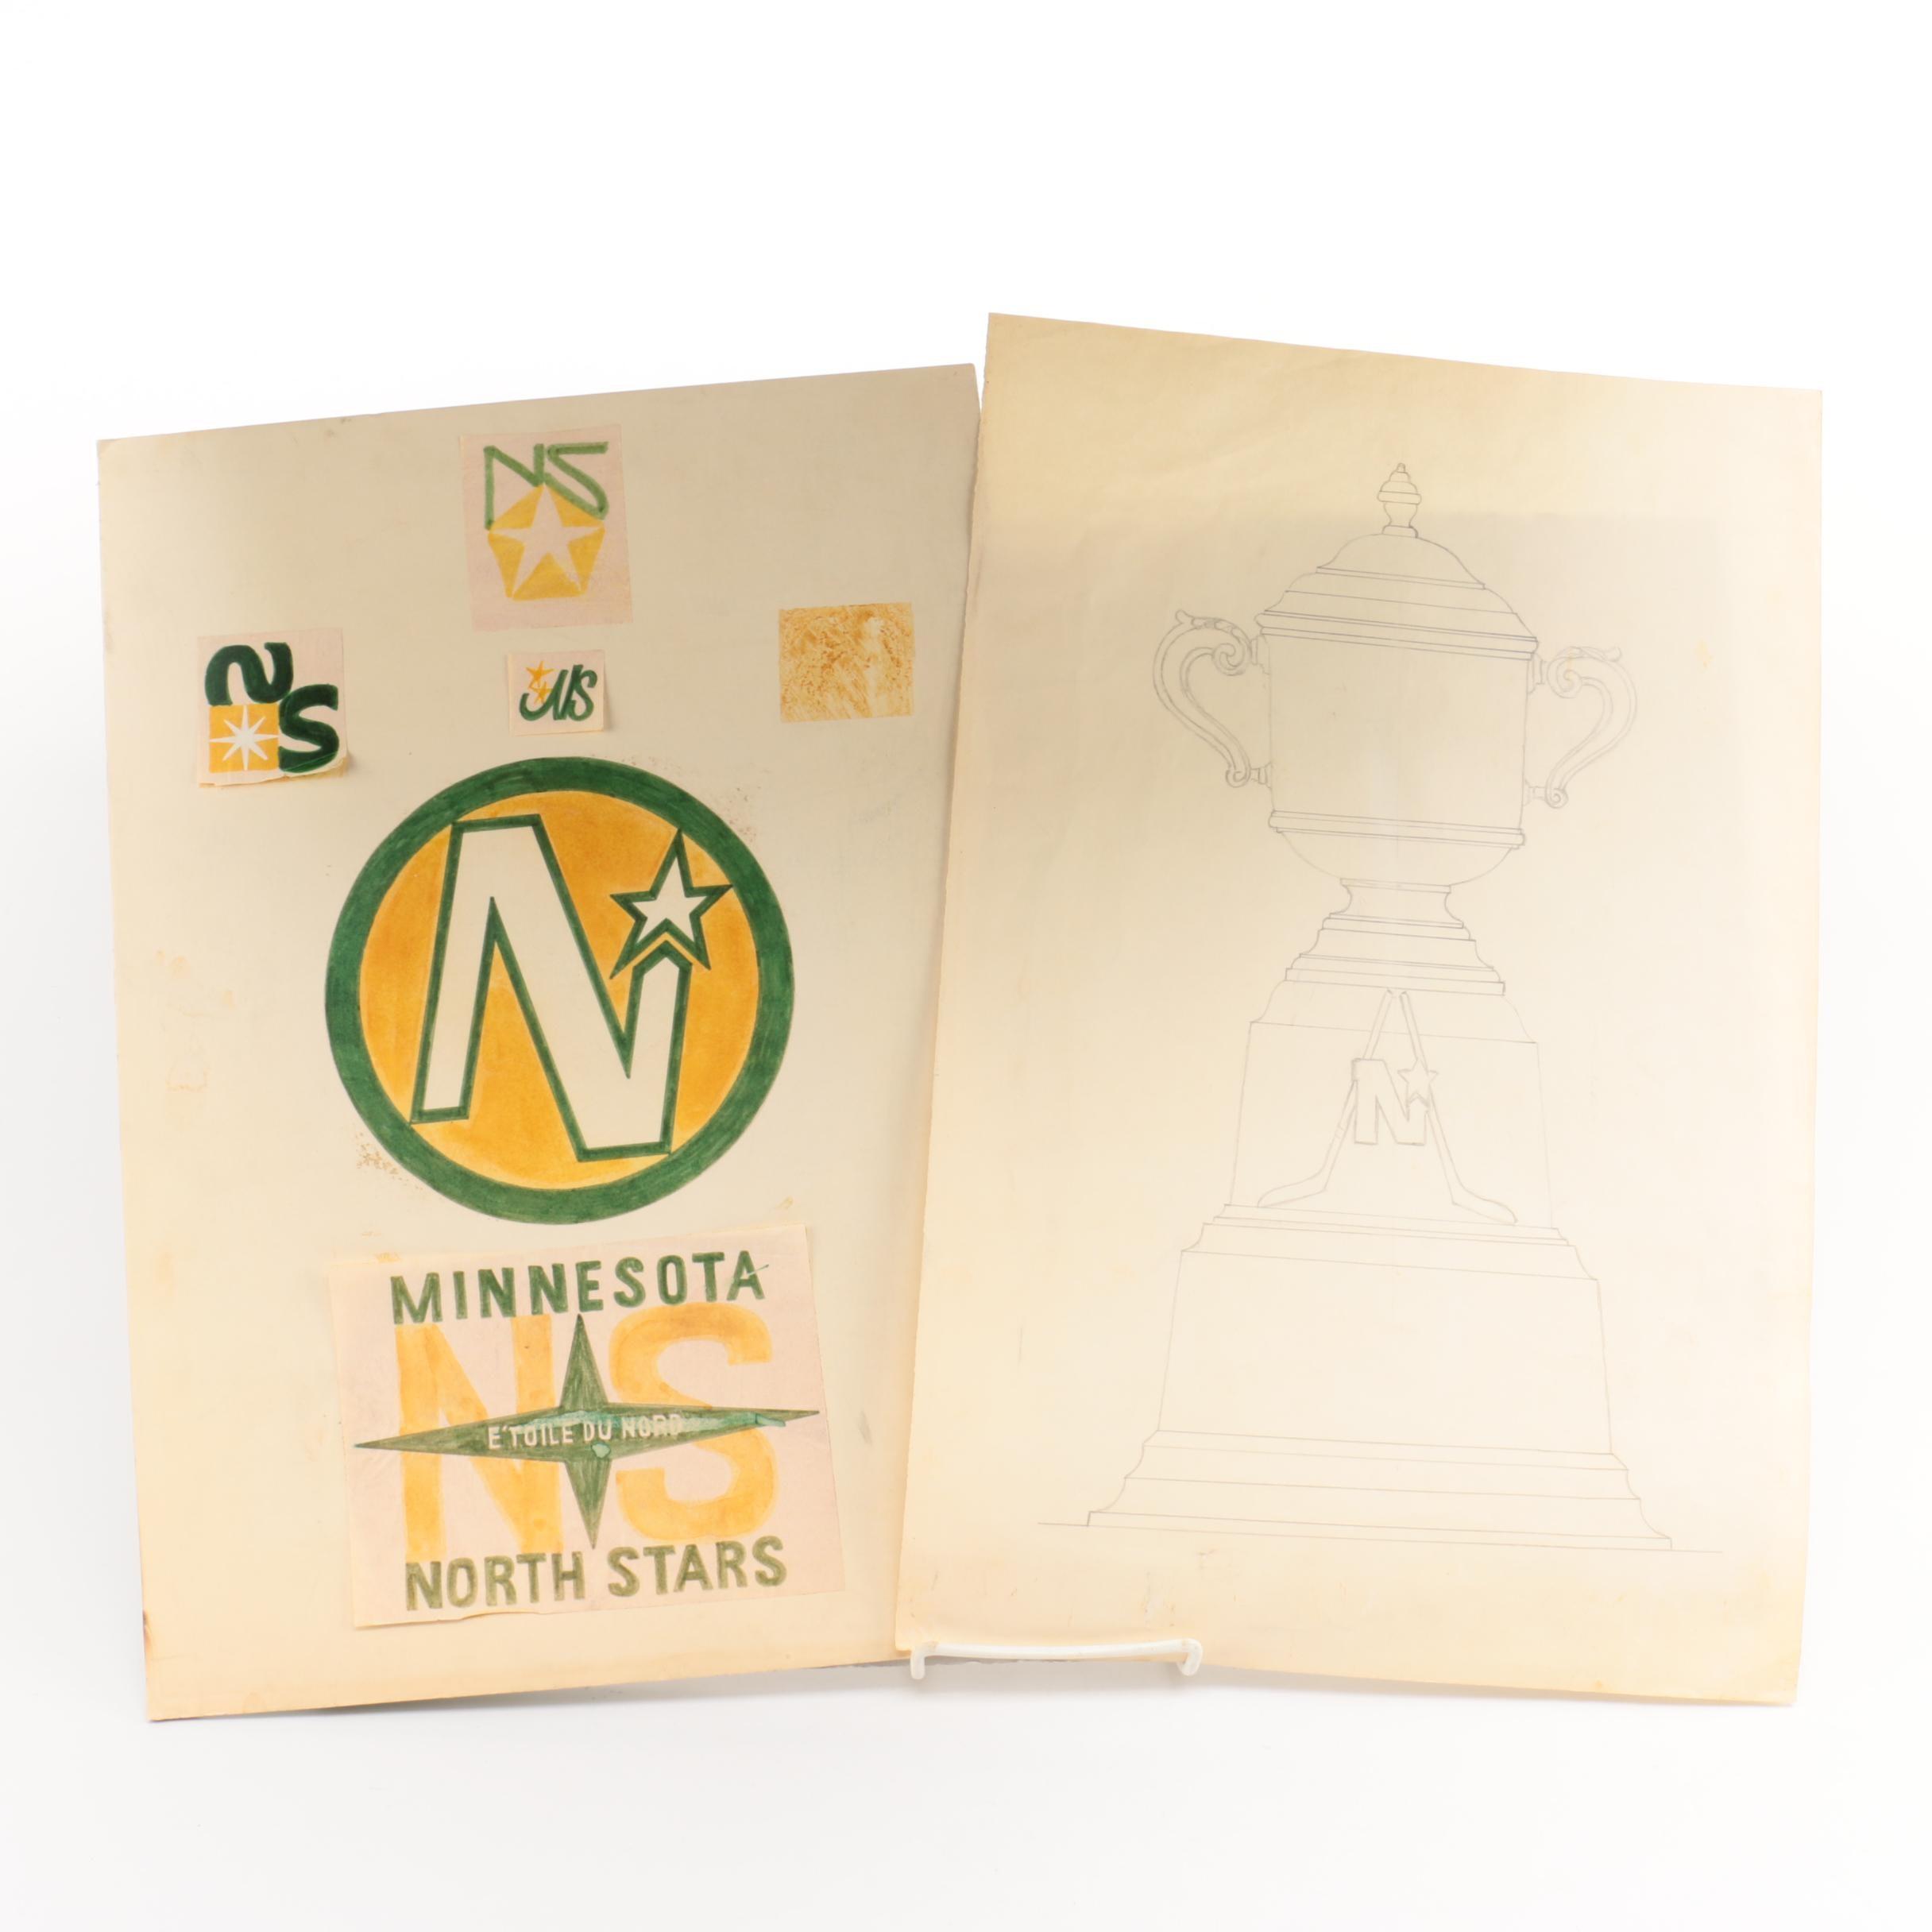 Mock-up Illustration for Minnesota North Stars Logo and Trophy Sketch